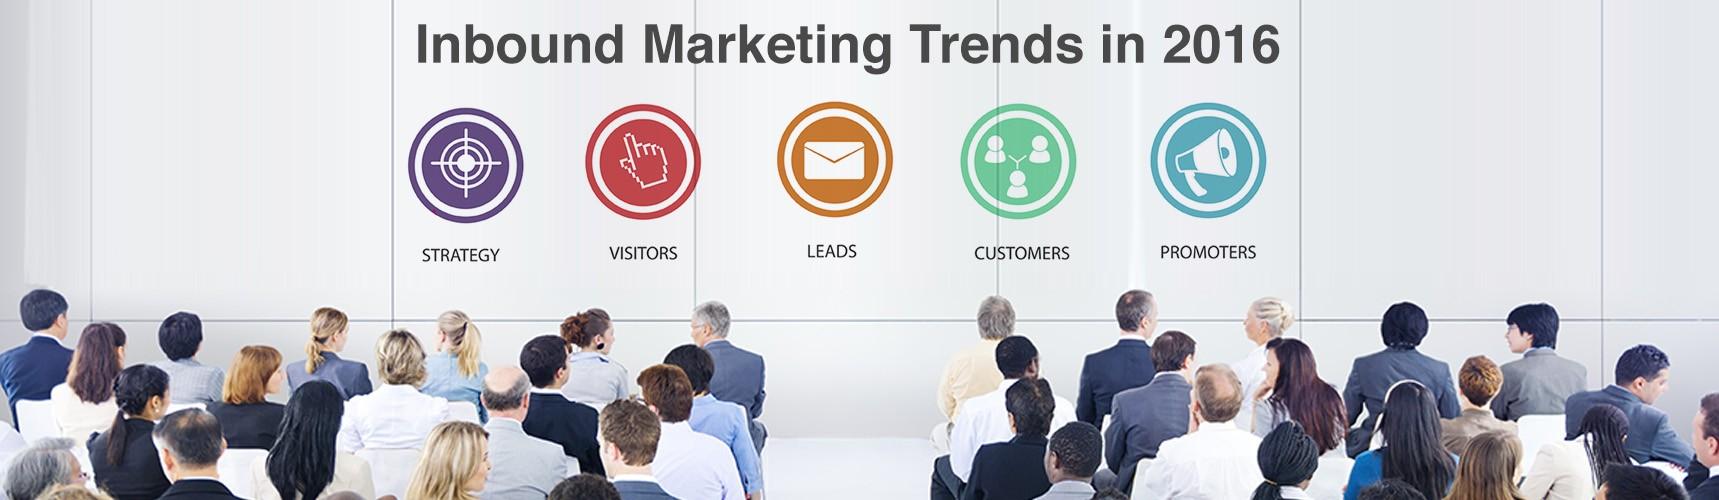 Inbound Marketing Trends 2016